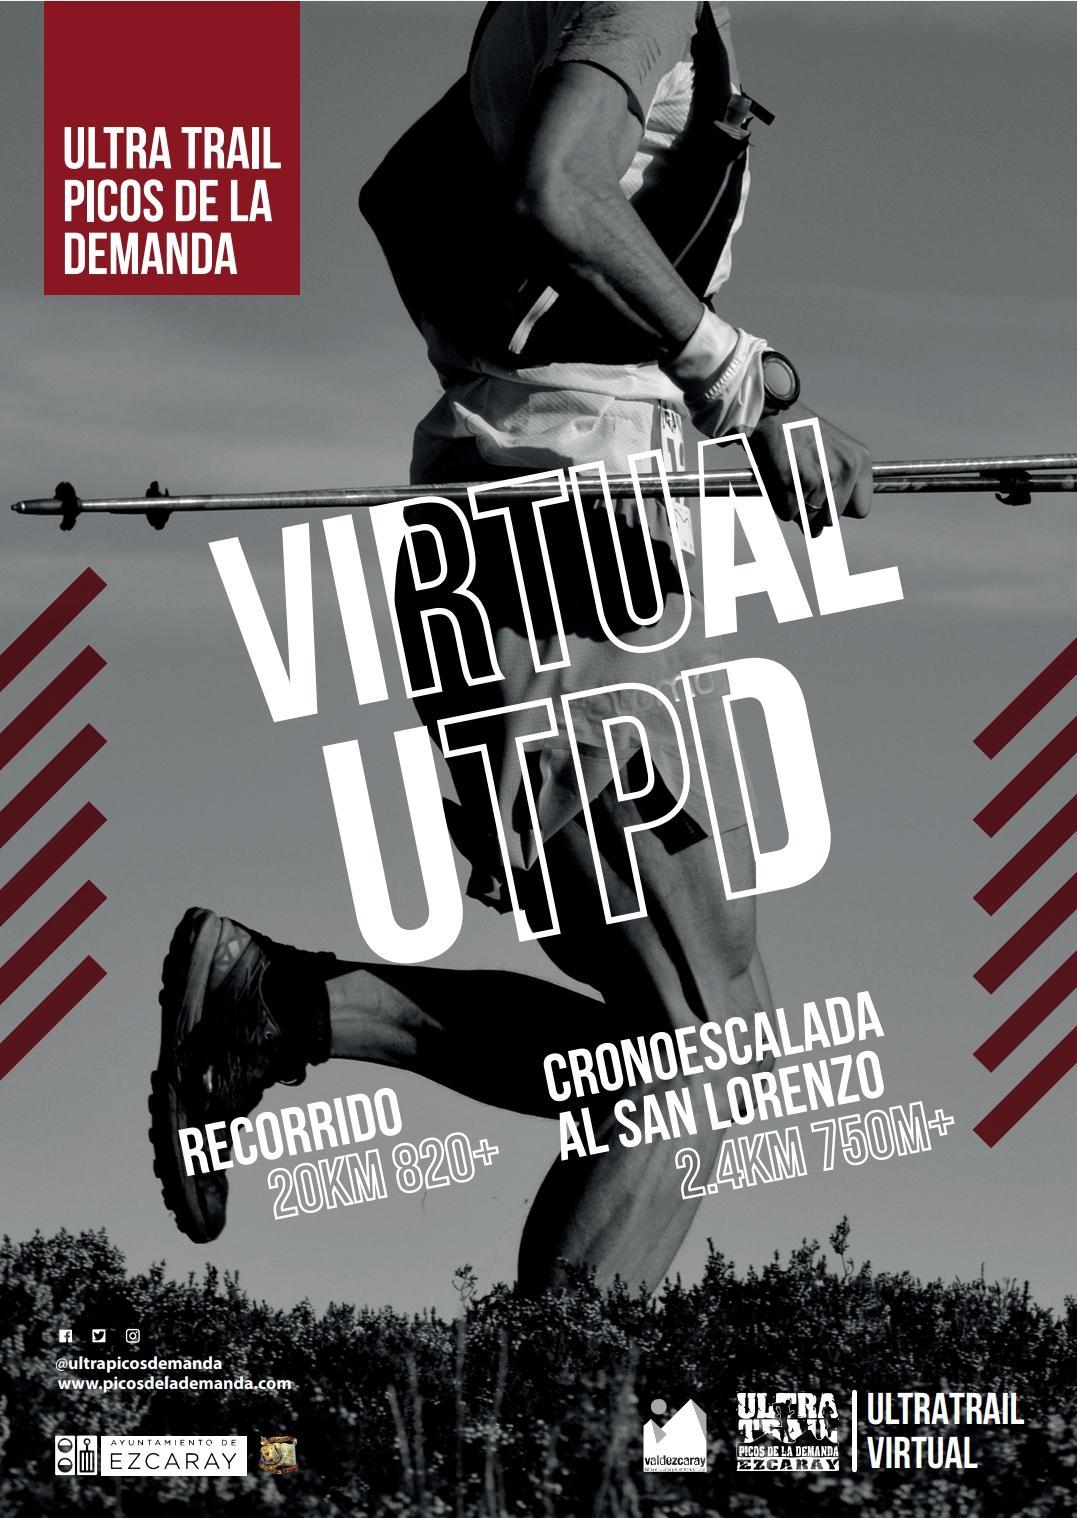 Virtual UTPD